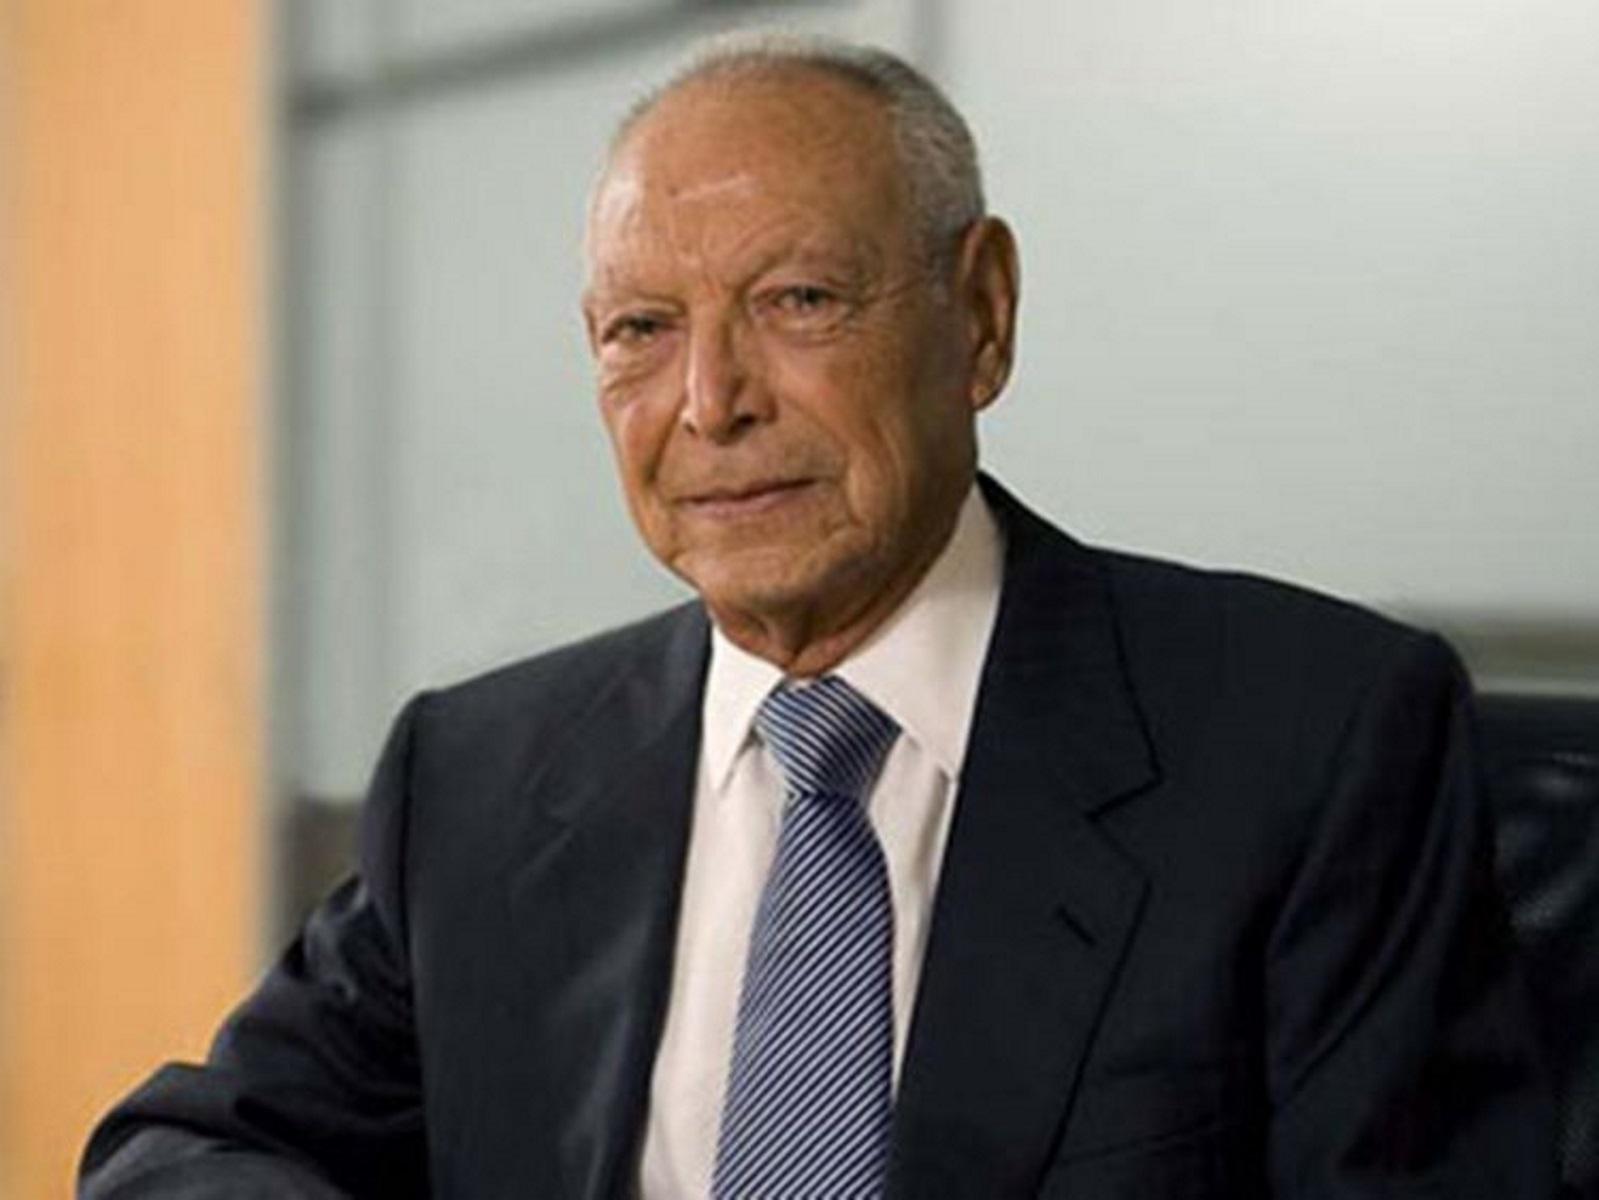 Πέθανε ο δισεκατομμυριούχος Όνσι Σαουΐρις